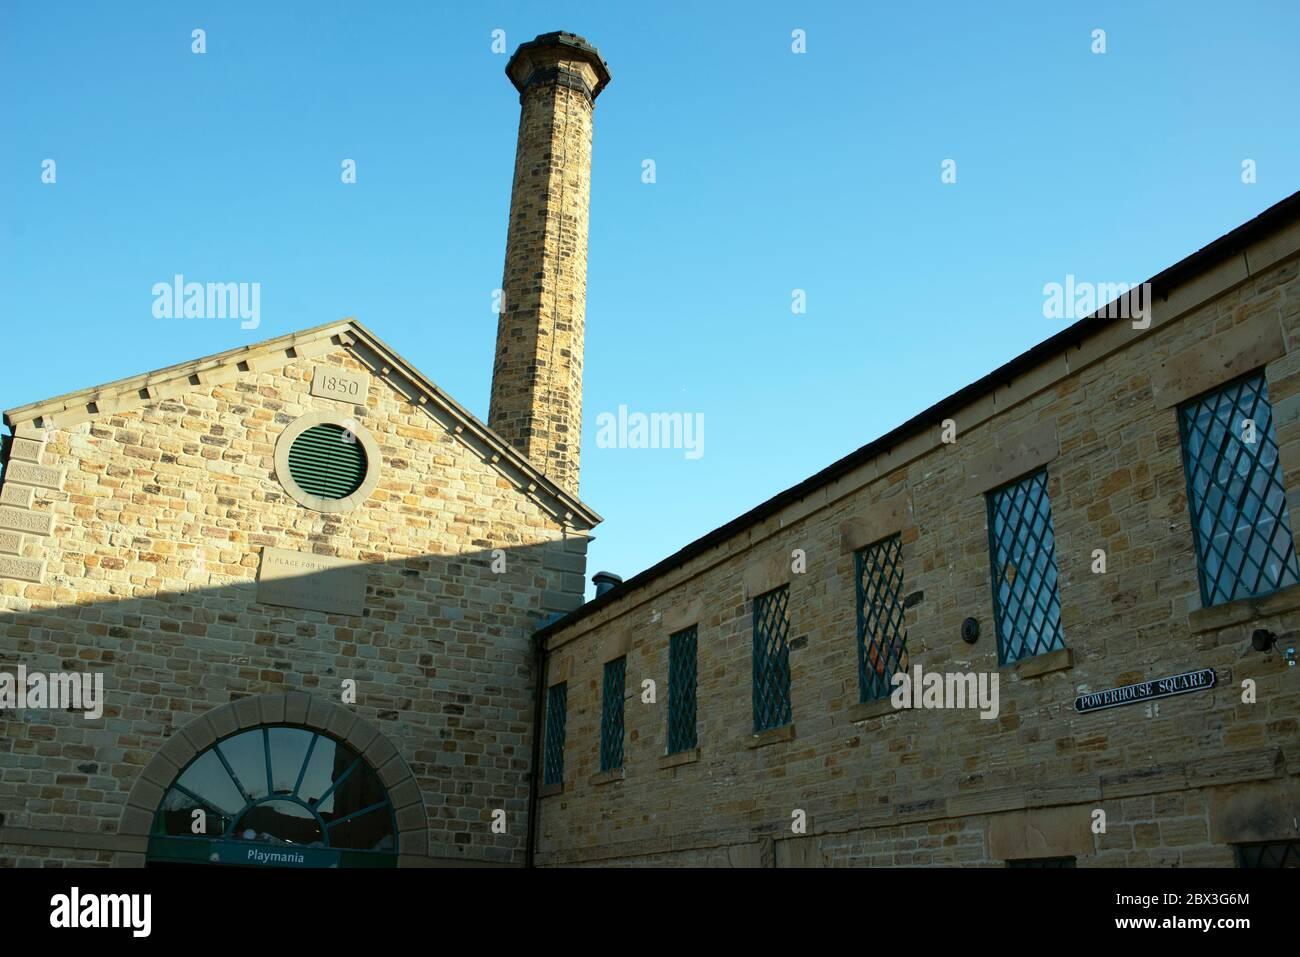 Les anciennes pièces d'art du musée Elsecar Heritage Centre, Barnsley, dans le Yorkshire du Sud, en Angleterre. Banque D'Images